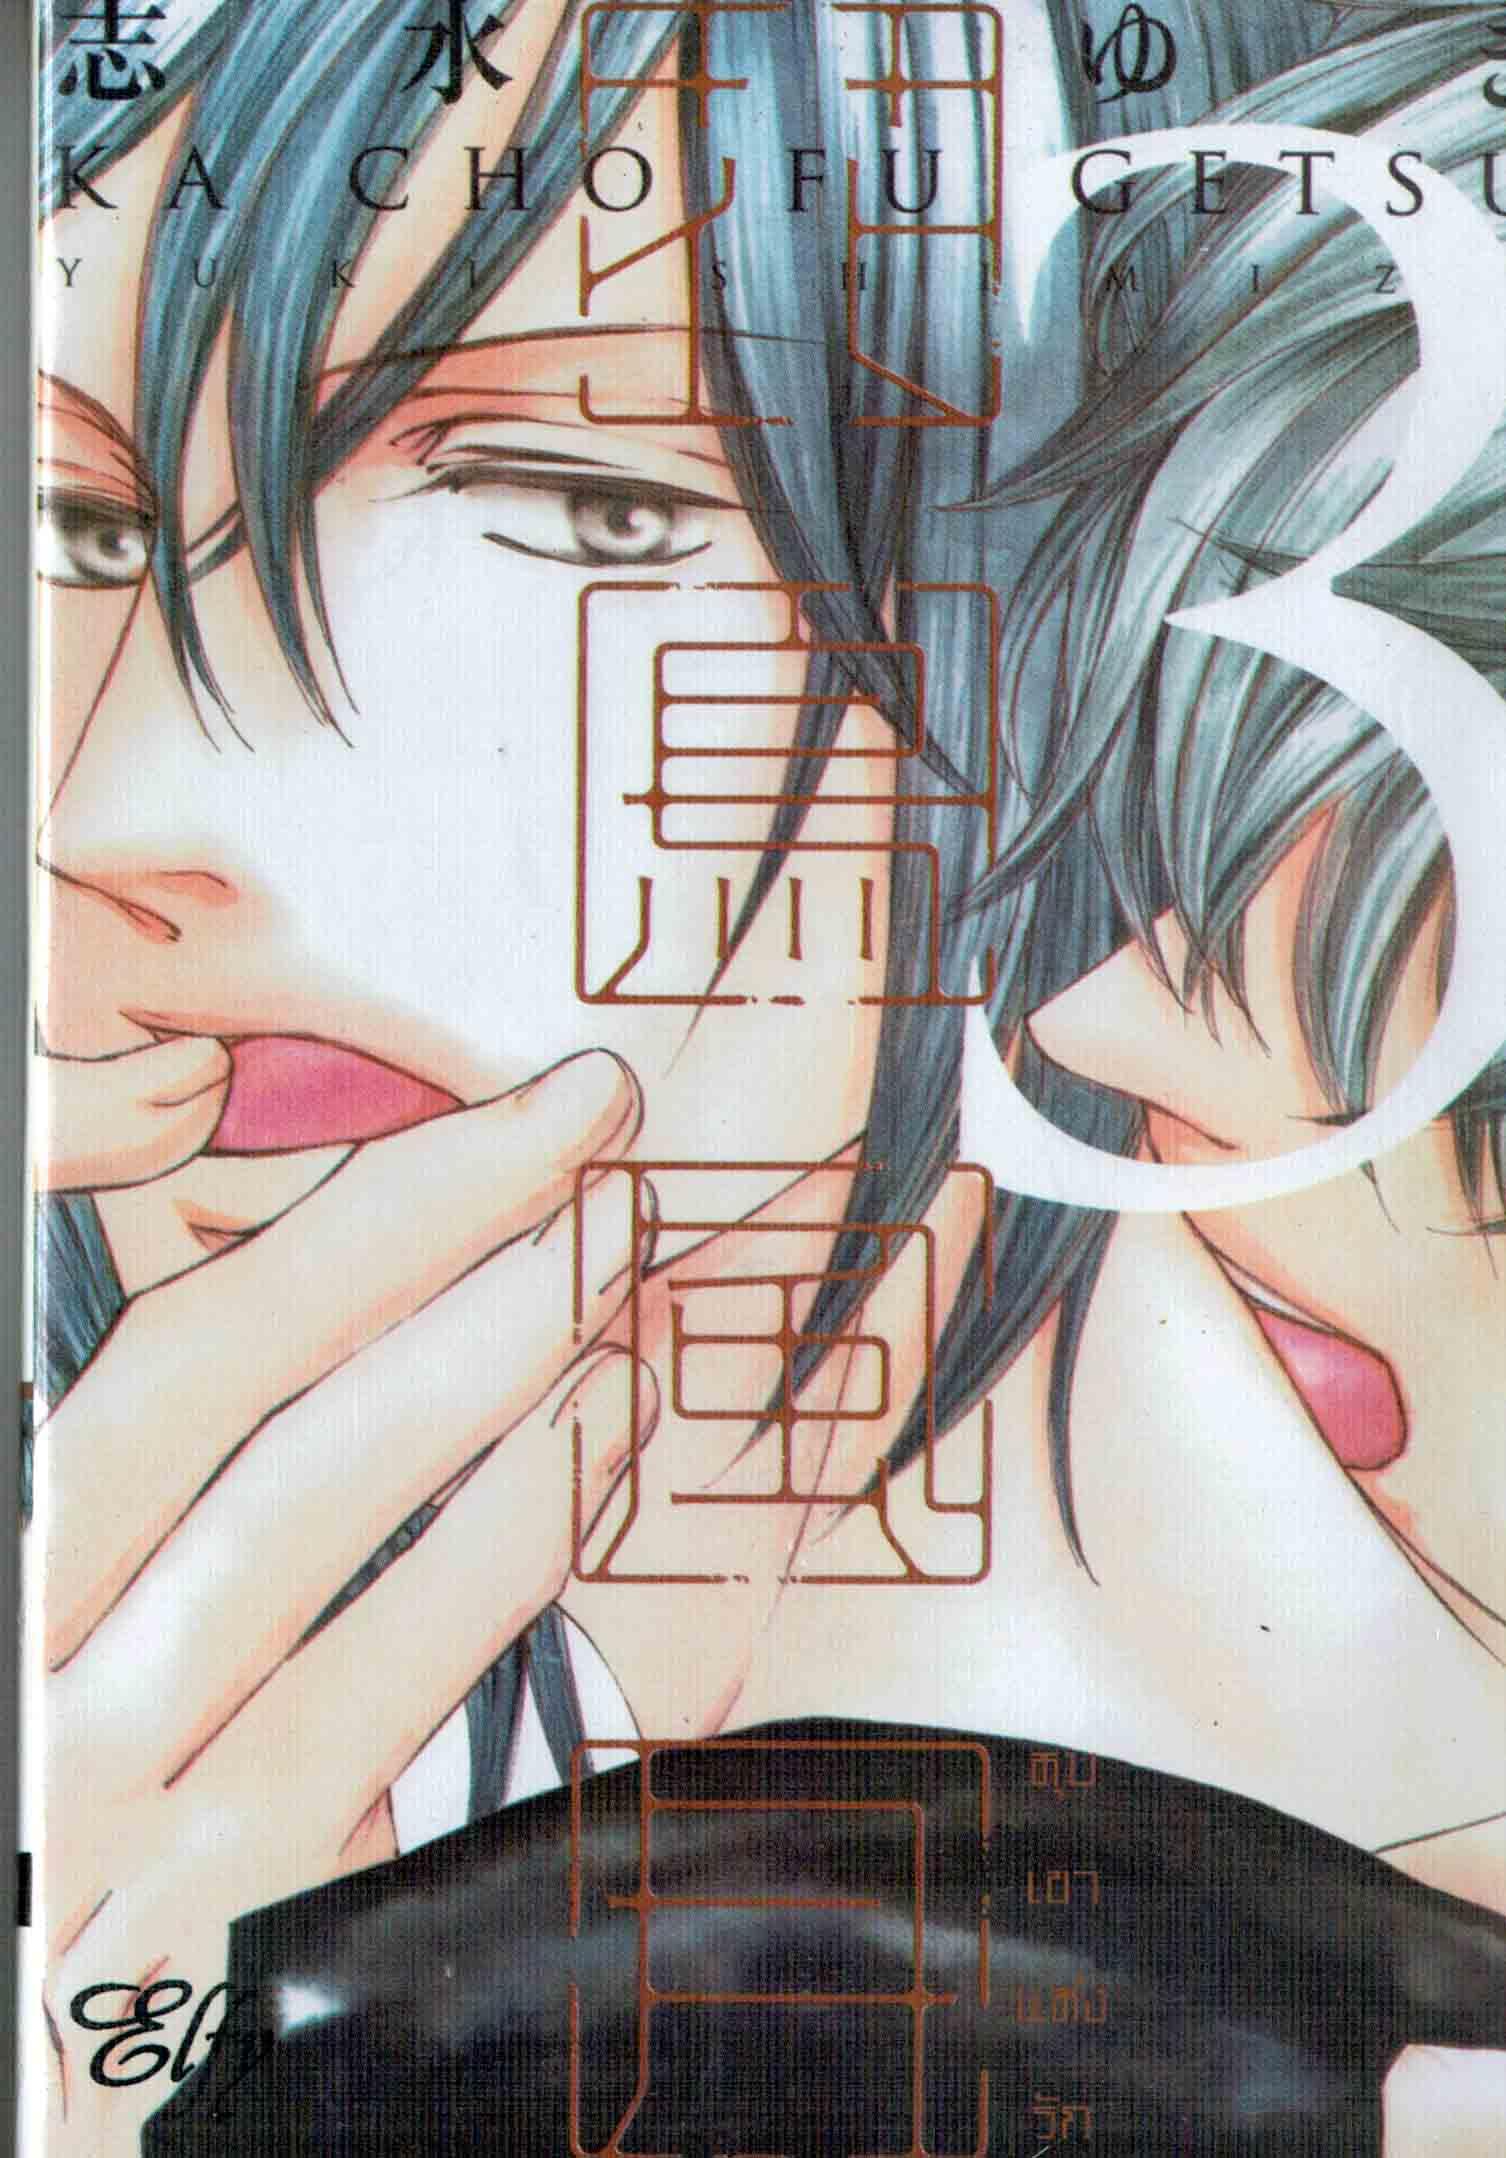 หุบเขาแห่งรัก 3 - Yuki ShiMiZu